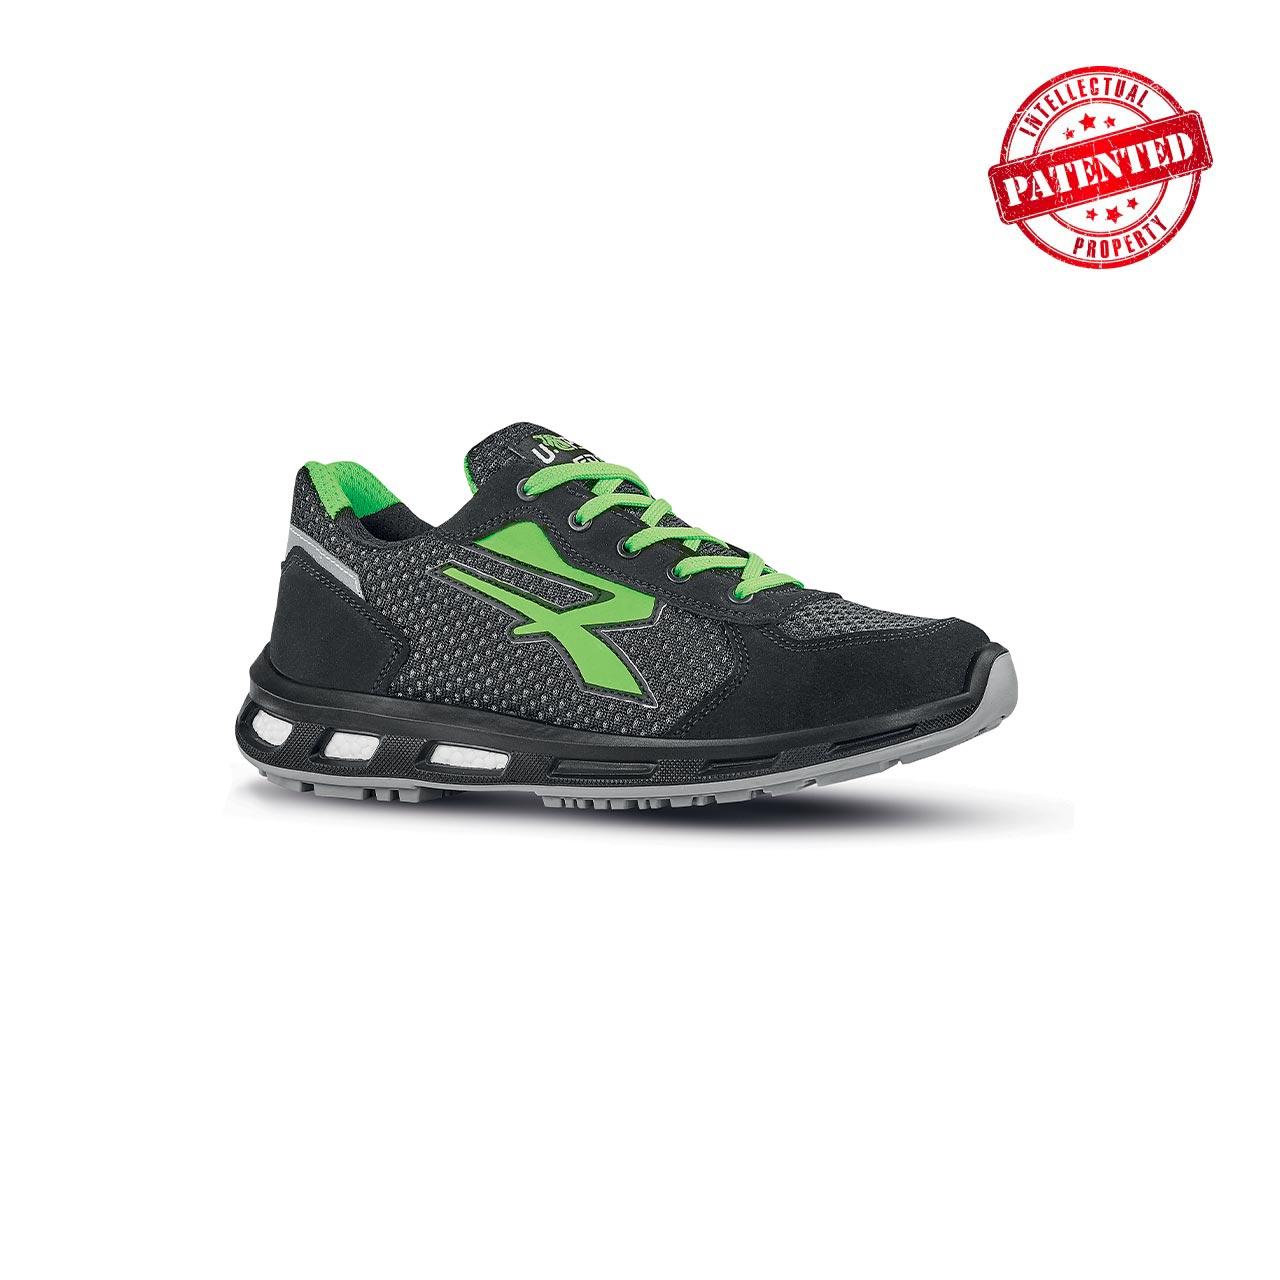 scarpa antinfortunistica upower modello nate linea redpro vista laterale